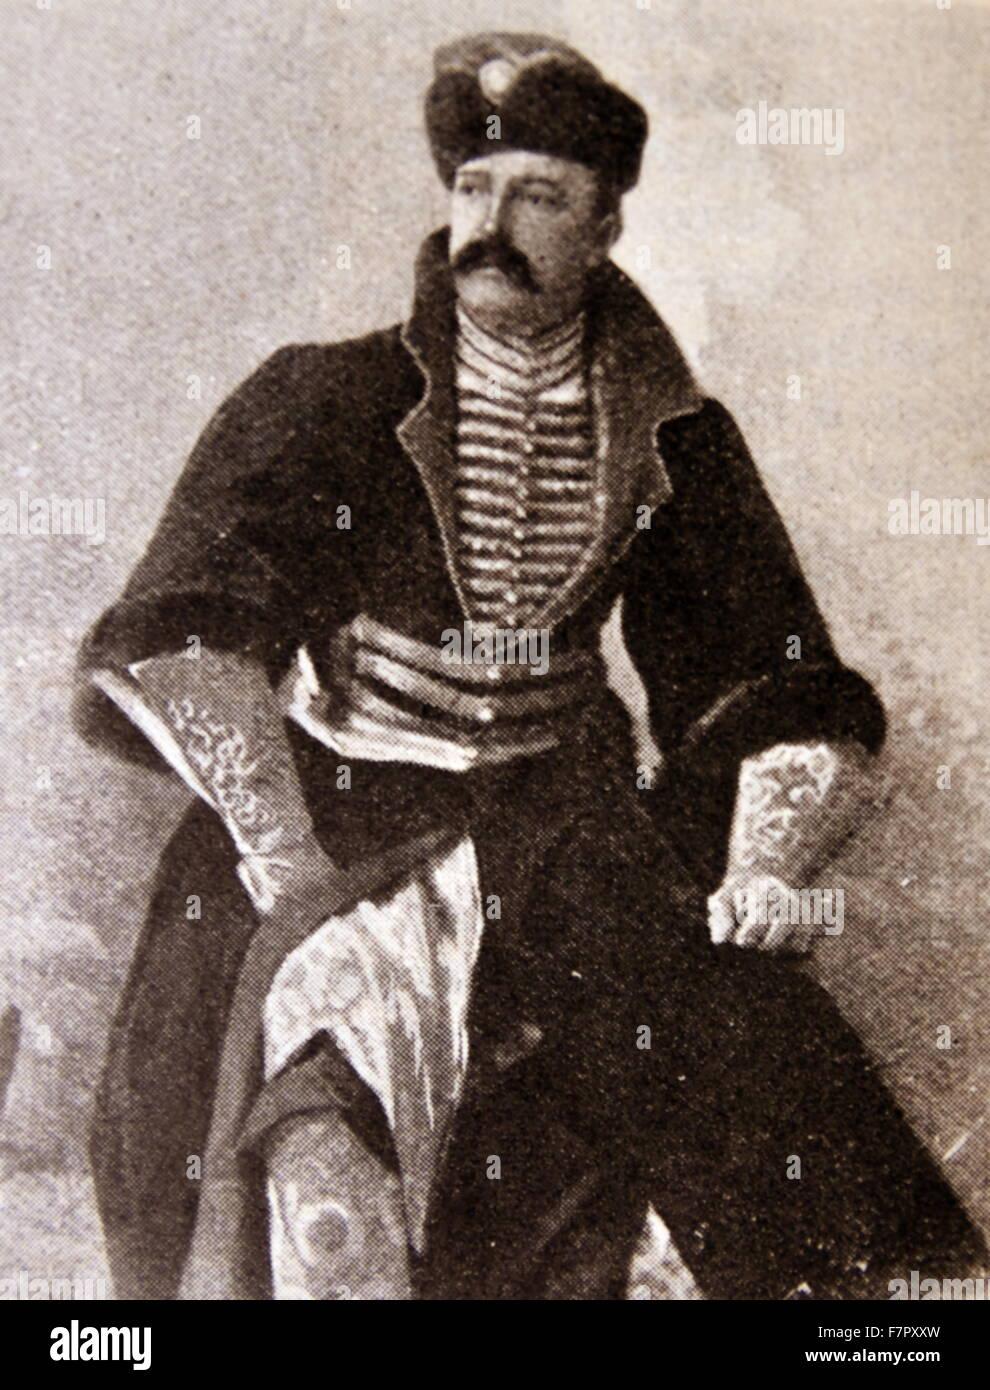 Romanov Grand Duke in dress uniform, Russia. circa 1860 - Stock Image